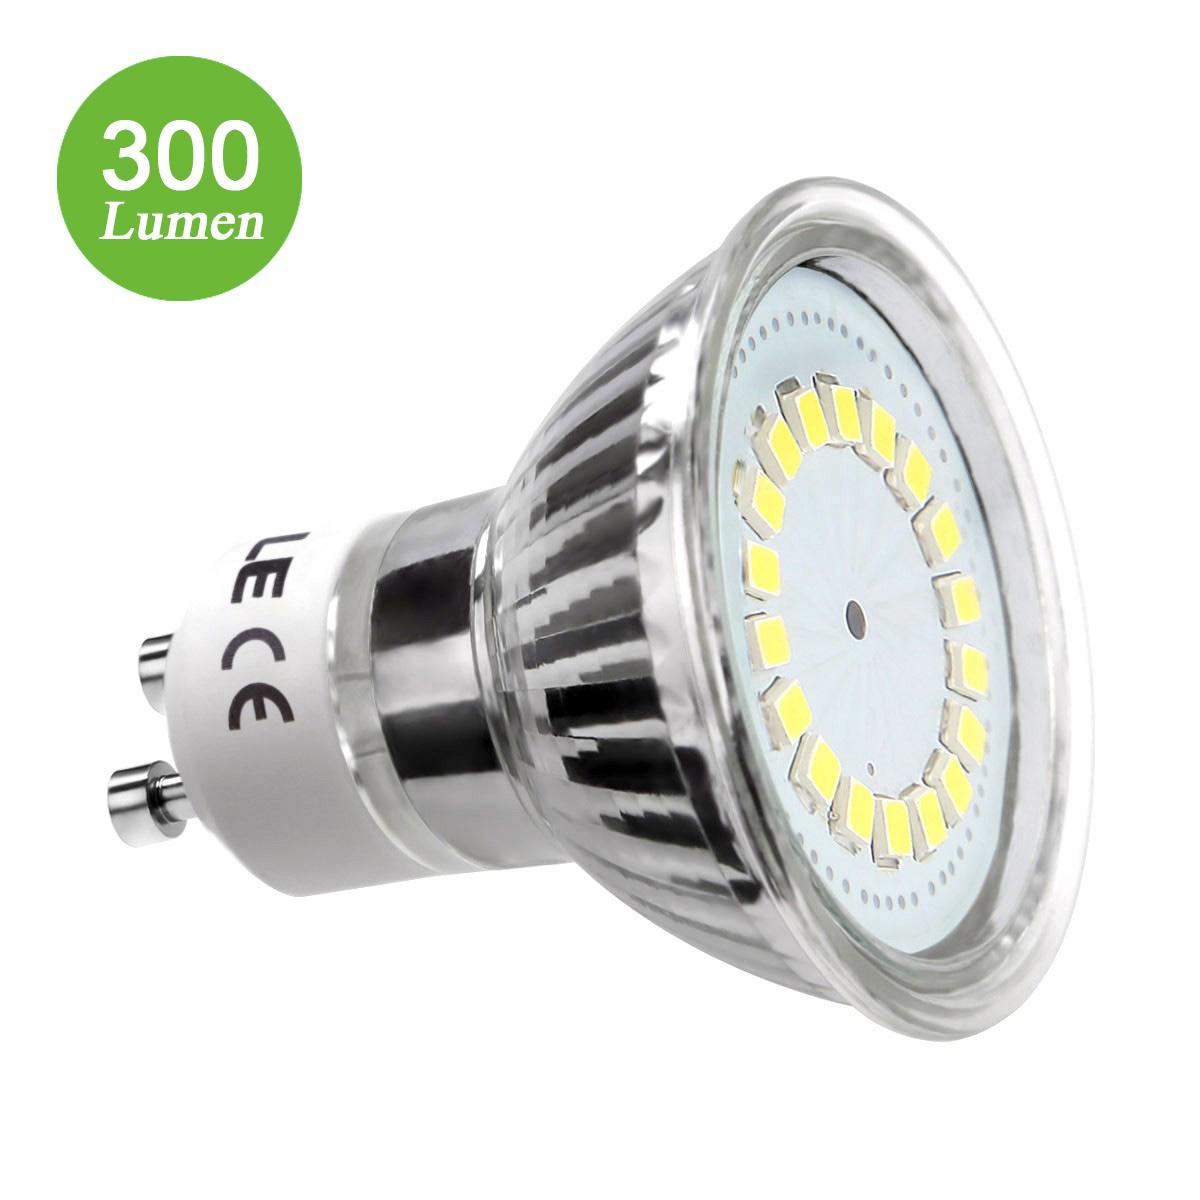 3,5W GU10 MR16 Lampe, 350lm LED Strahler, Ersatz für 50W Halogenlampe, nicht wasserfest Kaltweiß